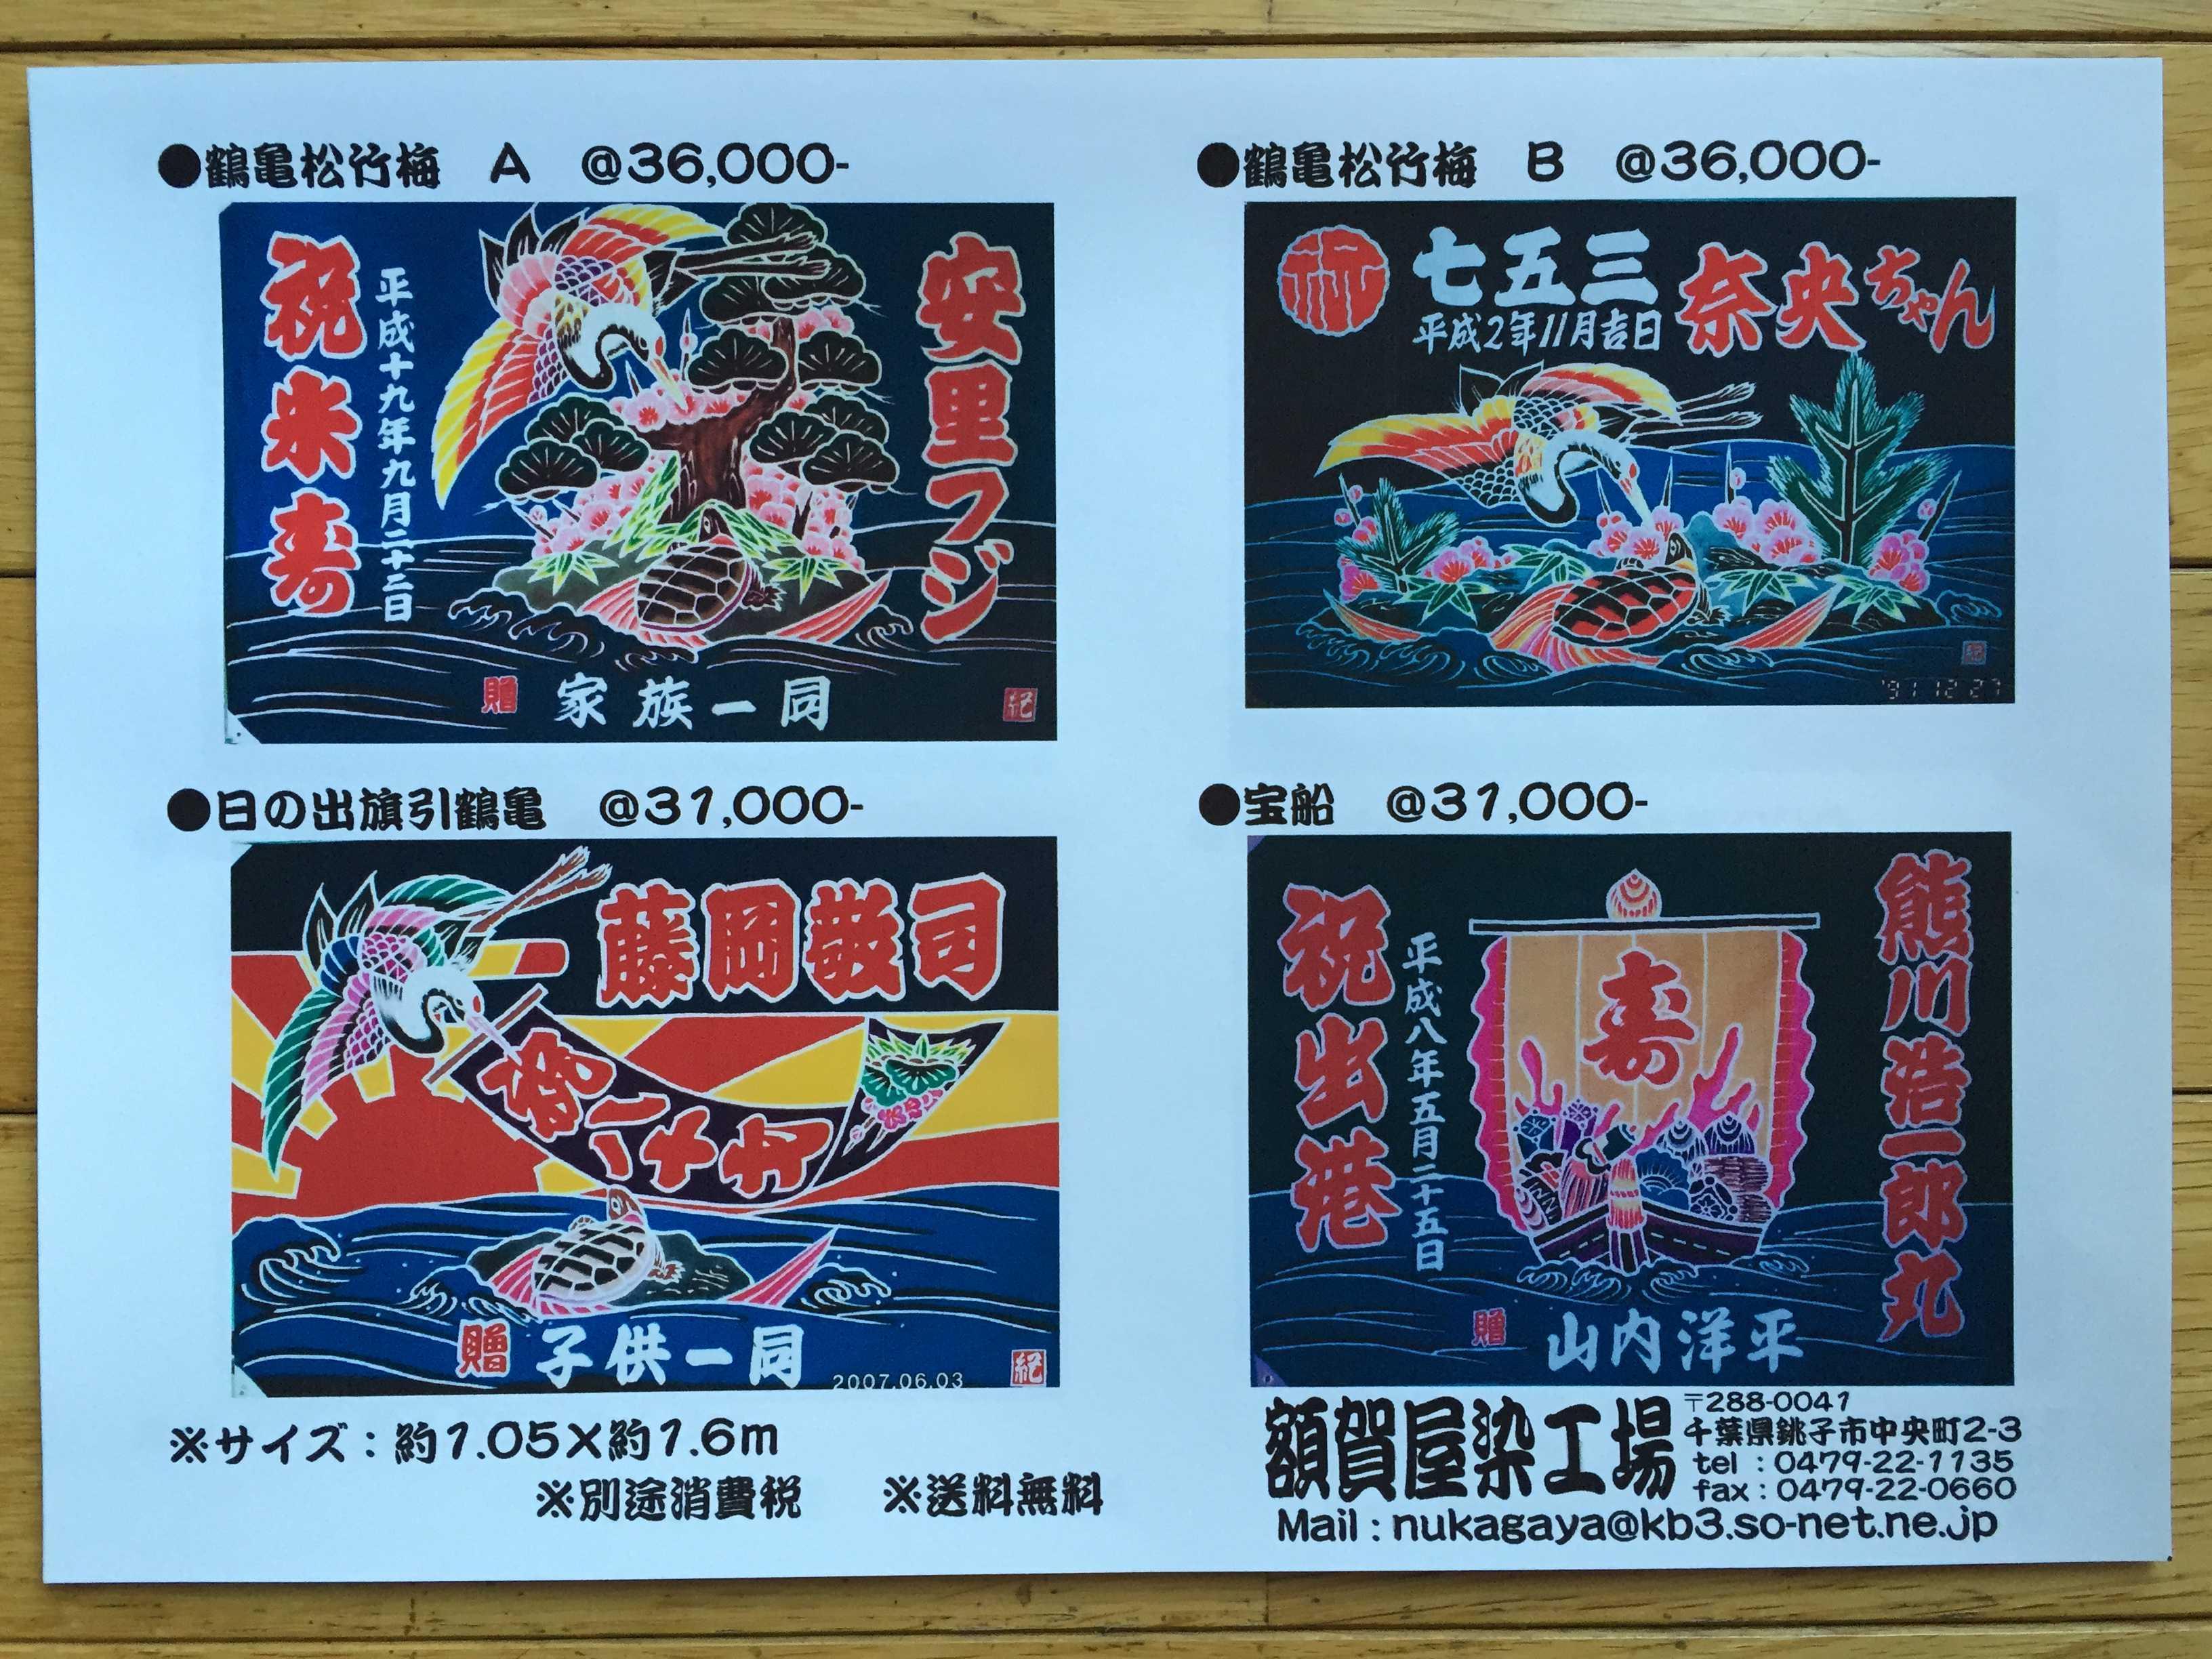 千葉県銚子市の萬祝式大漁旗